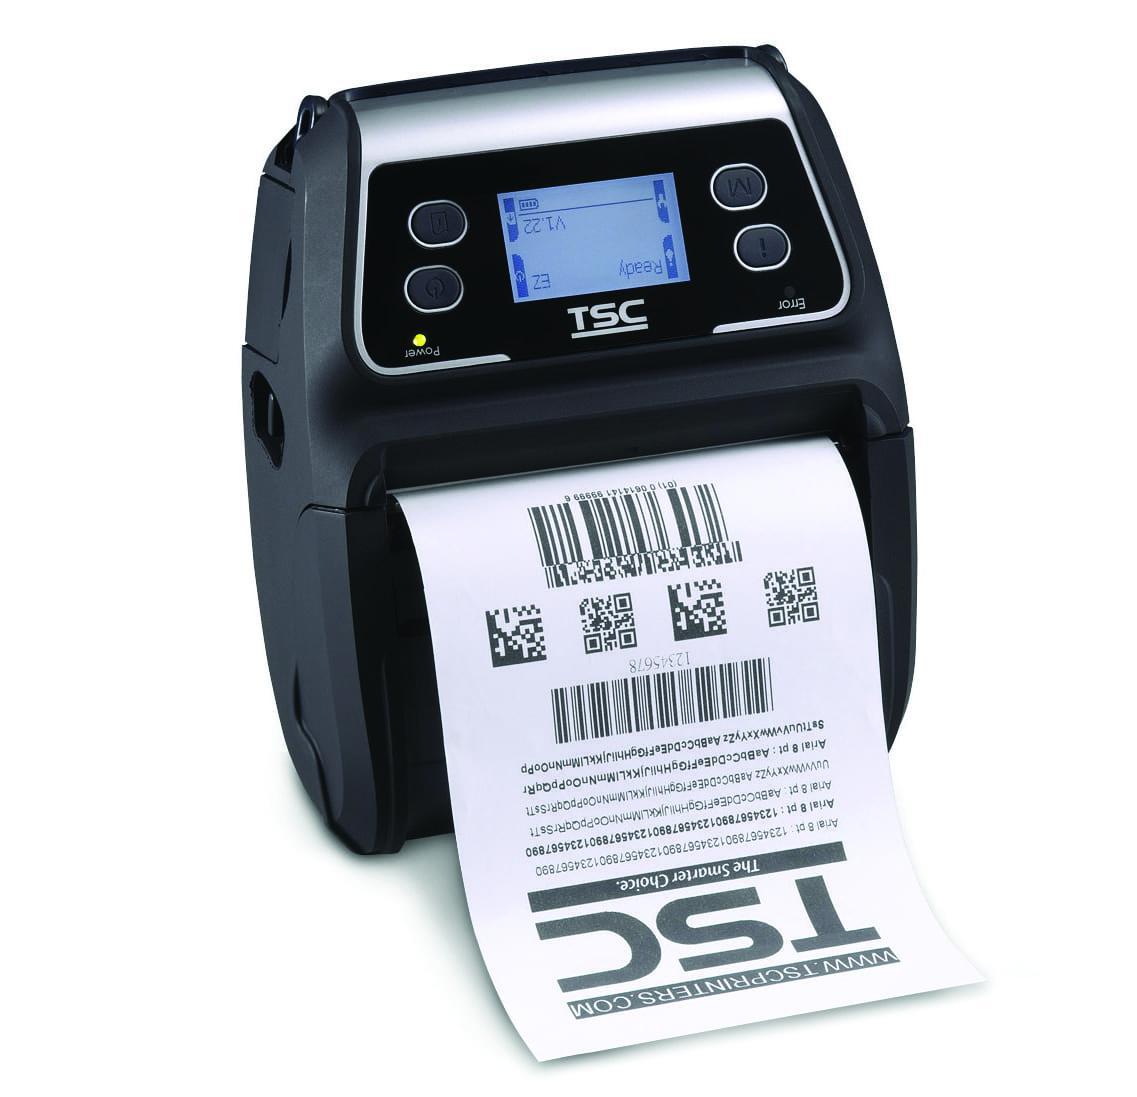 TSC Alpha-4L + MFi Bluetooth + LCD